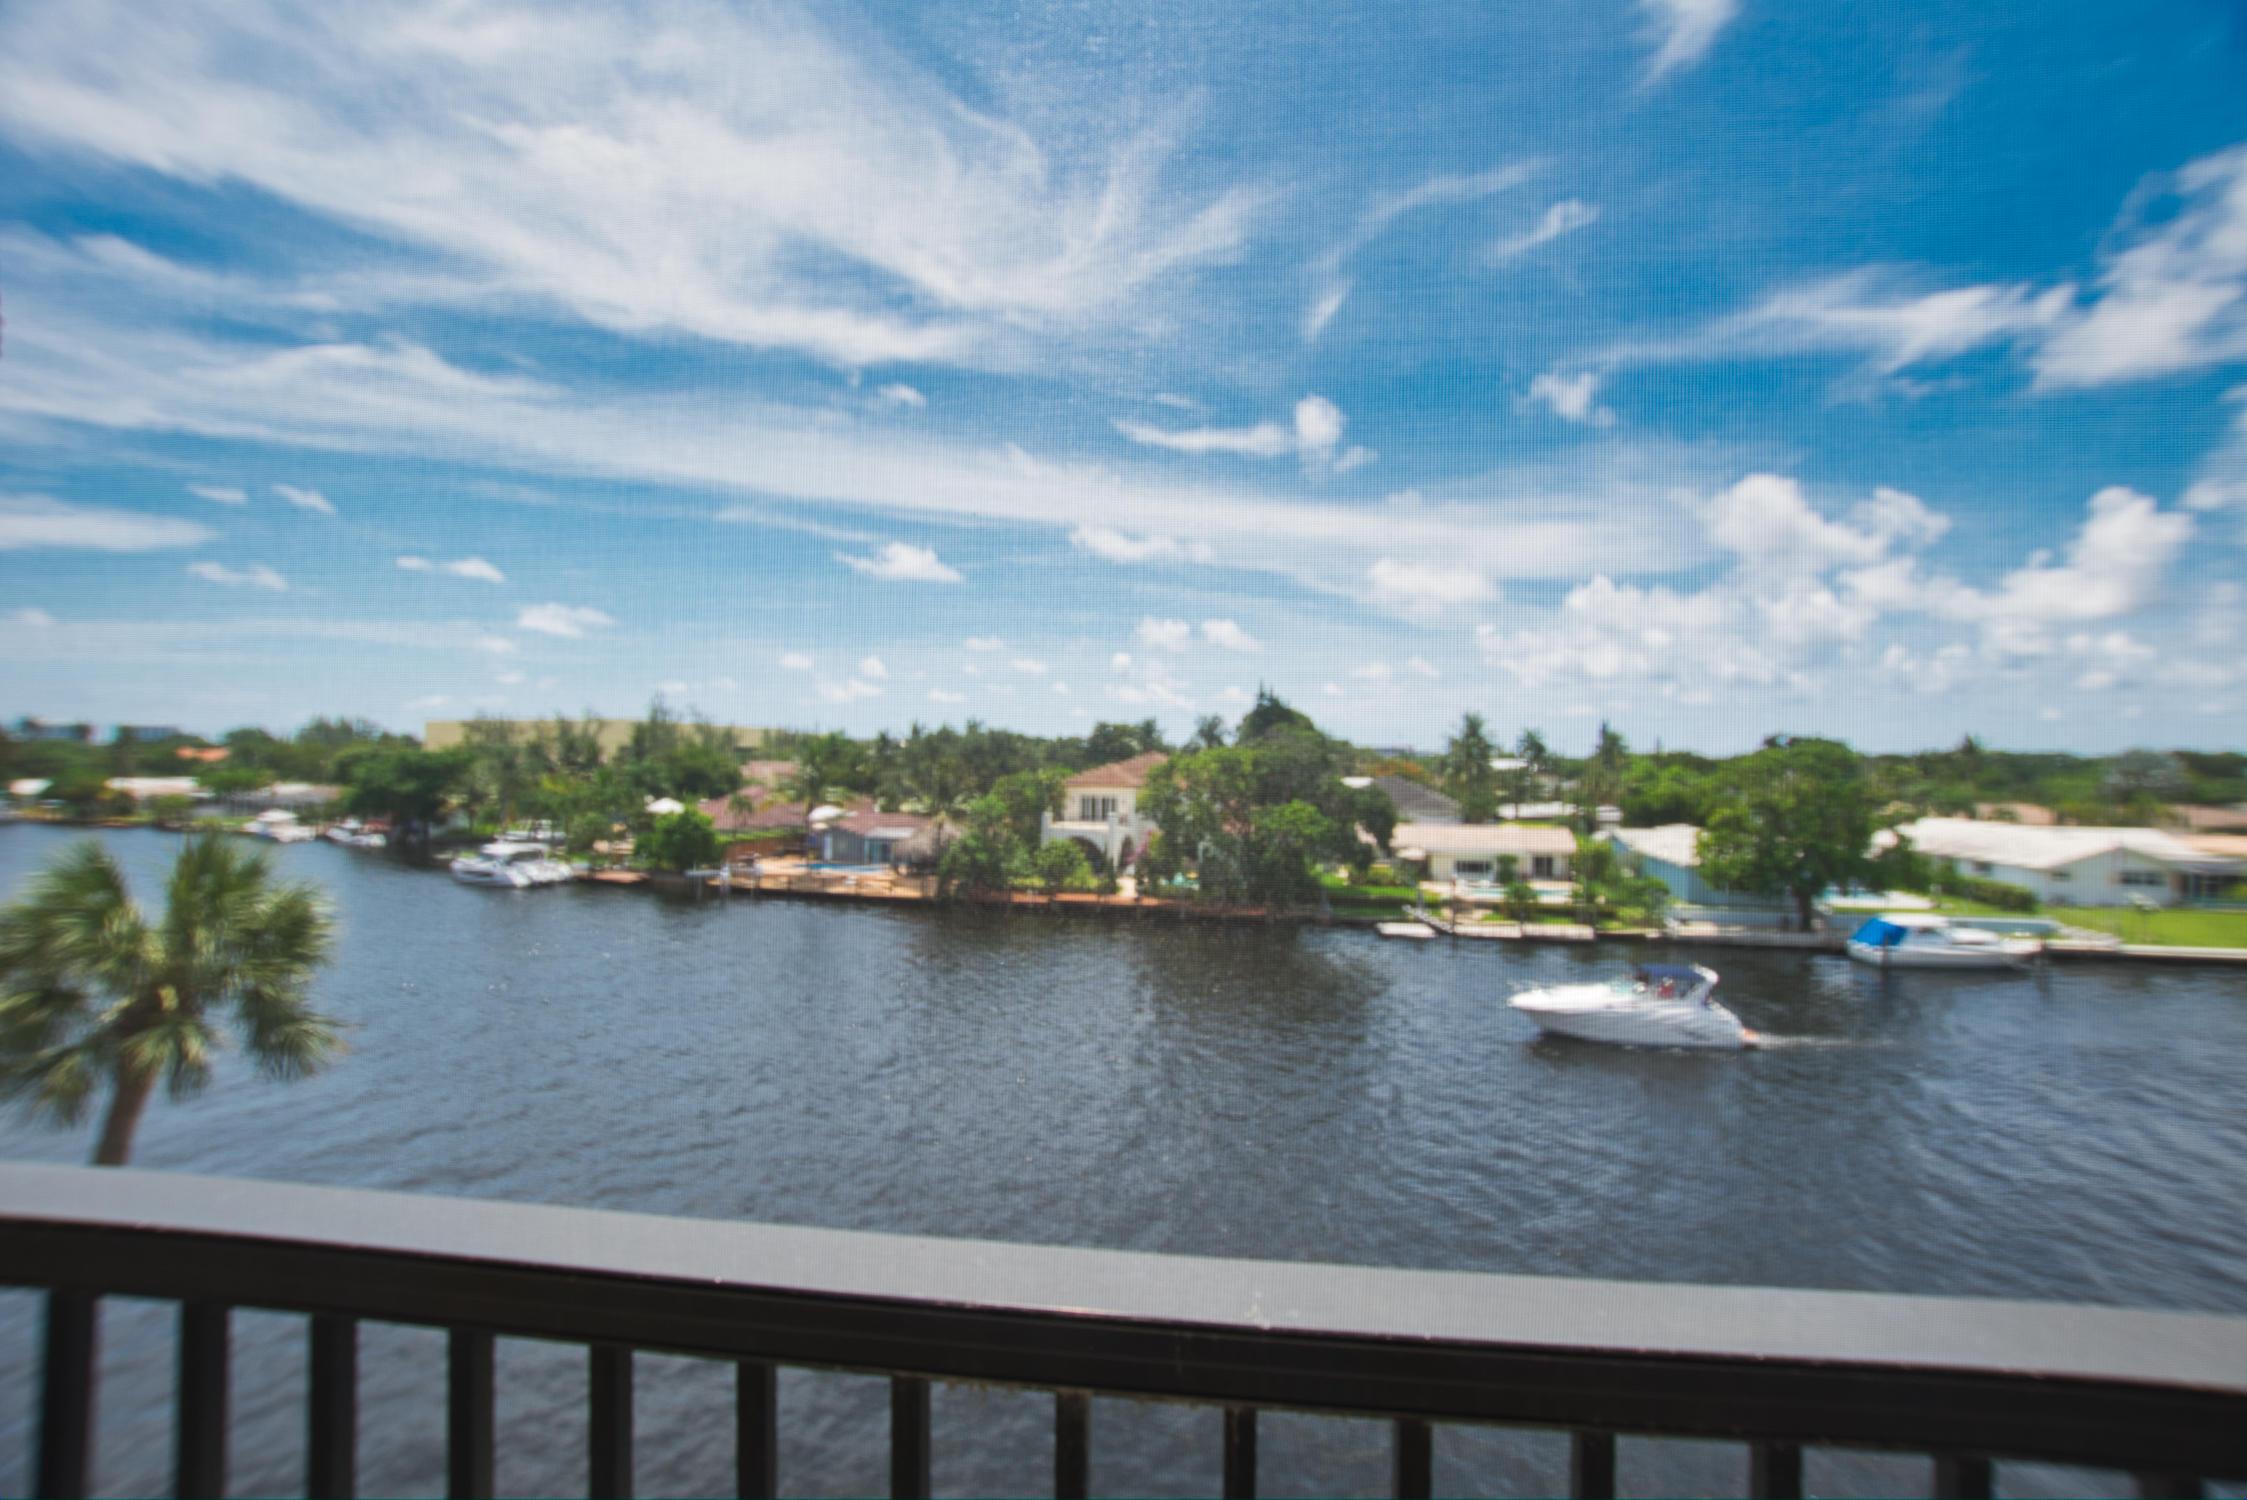 18 Royal Palm Way 407  Boca Raton, FL 33432